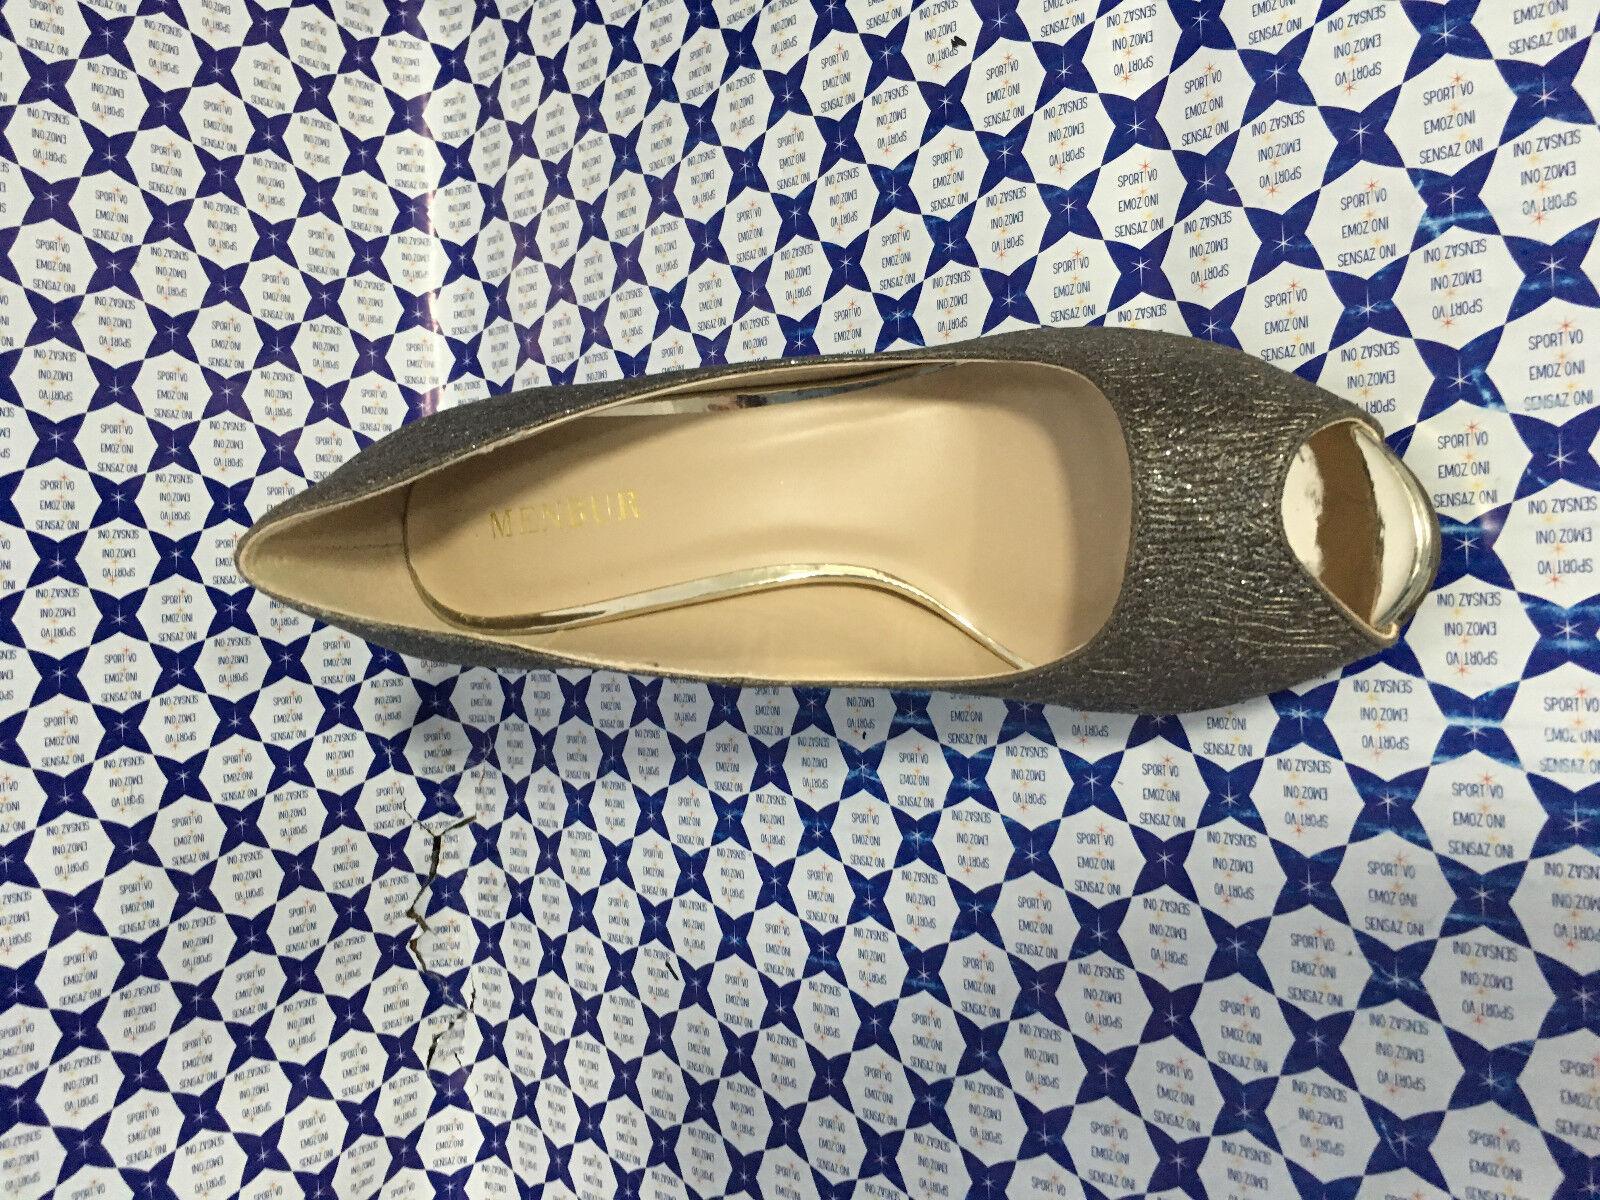 Scarpe Tacco Open 10 Menbur Donna - Open Tacco Toe Plato Interno - Piombo - 7789 73f440